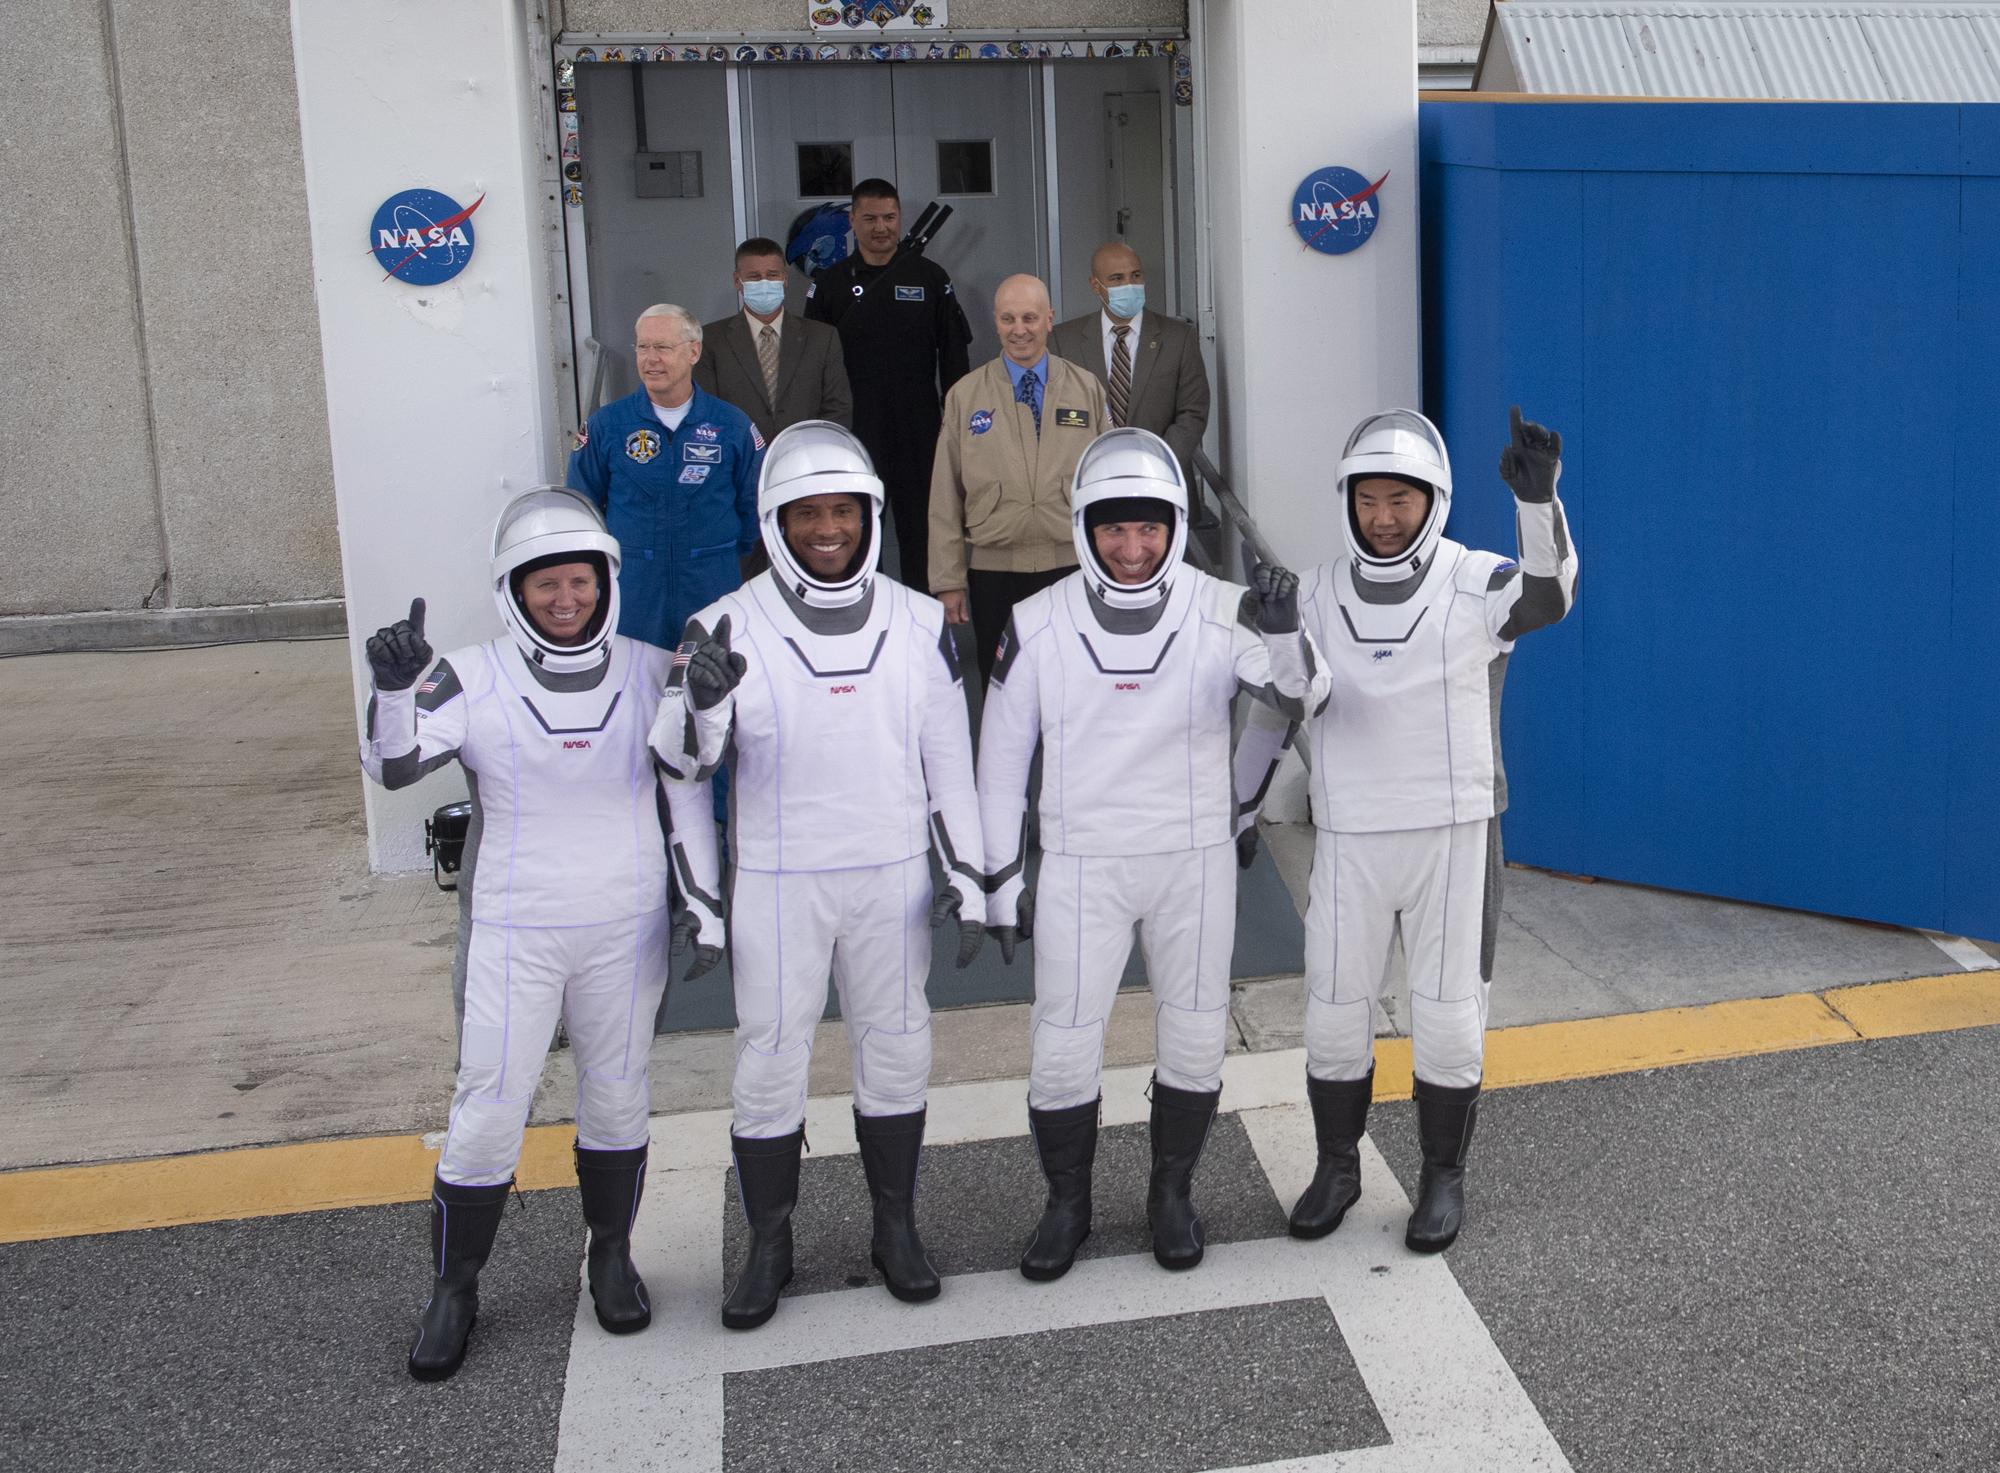 Les astronautes de la NASA Crew-1 posent pour une photo alors qu'ils se préparent à se rendre au Pad 39A pour leur lancement SpaceX Crew Dragon le 15 novembre 2020. Ils sont (de gauche à droite): les astronautes de la NASA Shannon Walker, Victor Glover, Mike Hopkins et Soichi Noguchi avec l'Agence japonaise d'exploration aérospatiale.